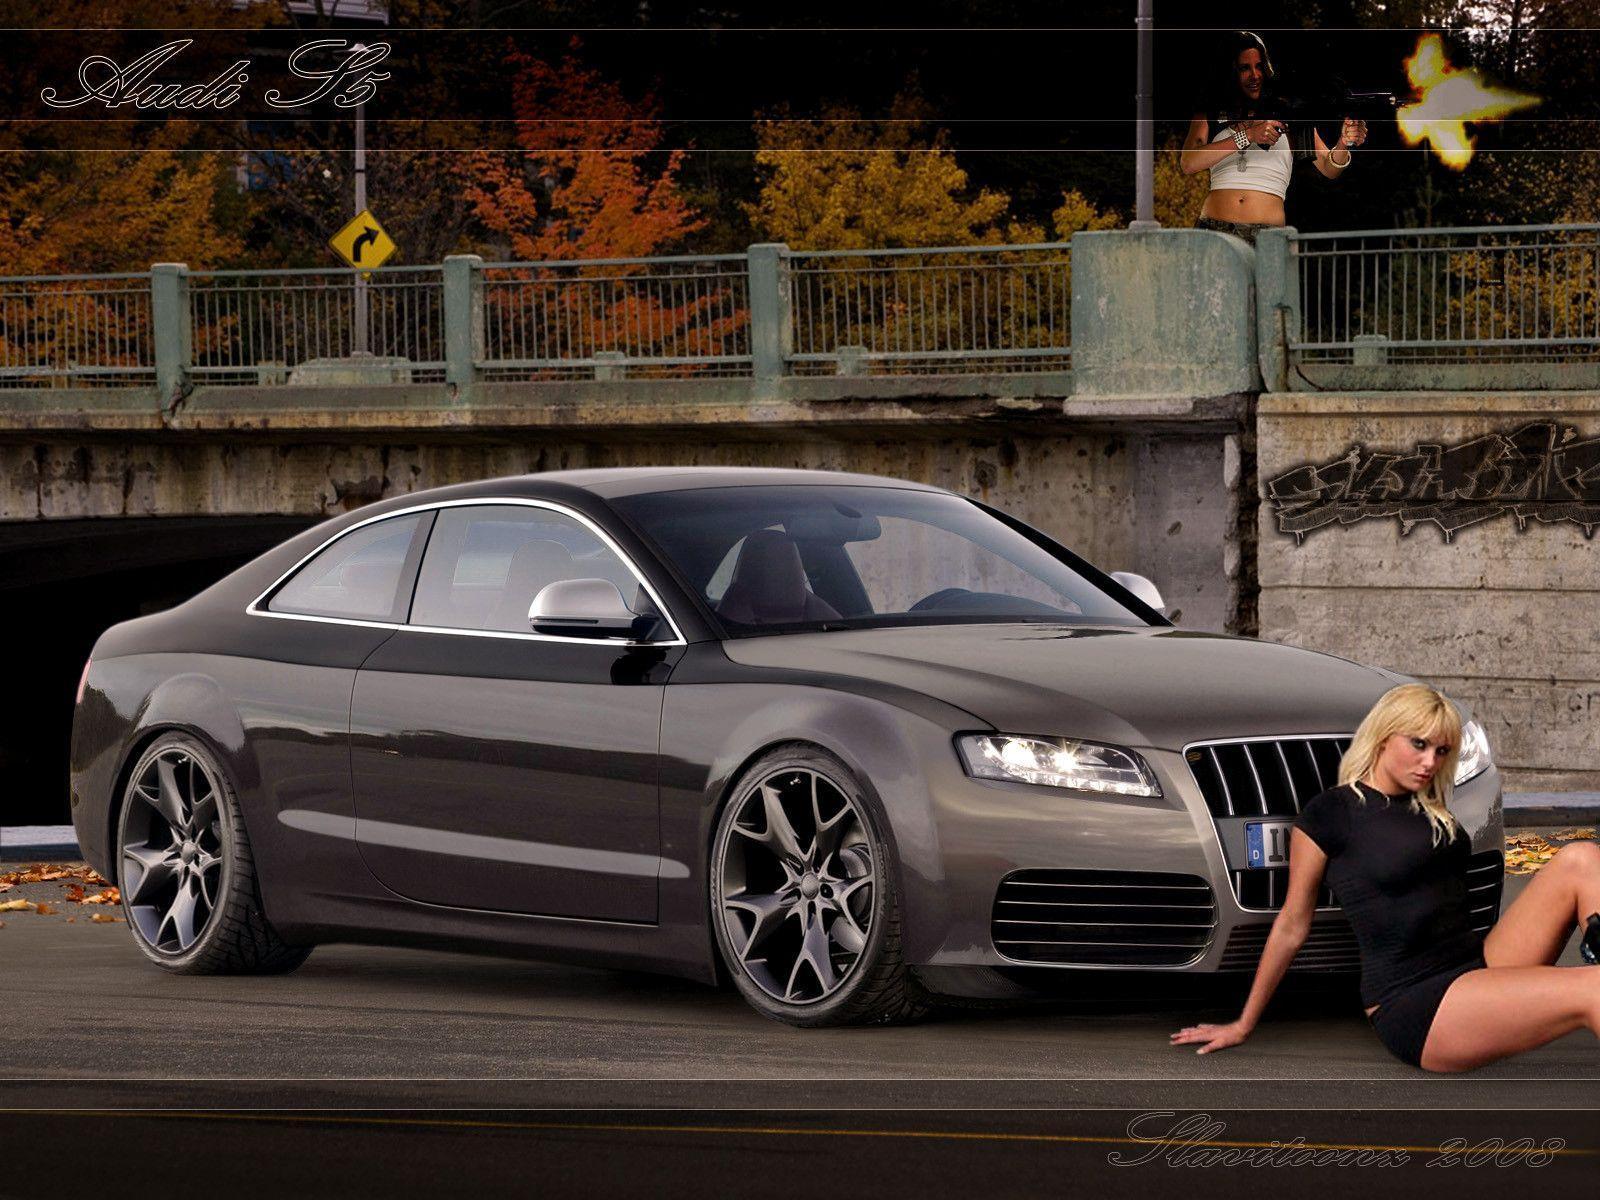 Audi rs5 wallpaper iphone 5 11